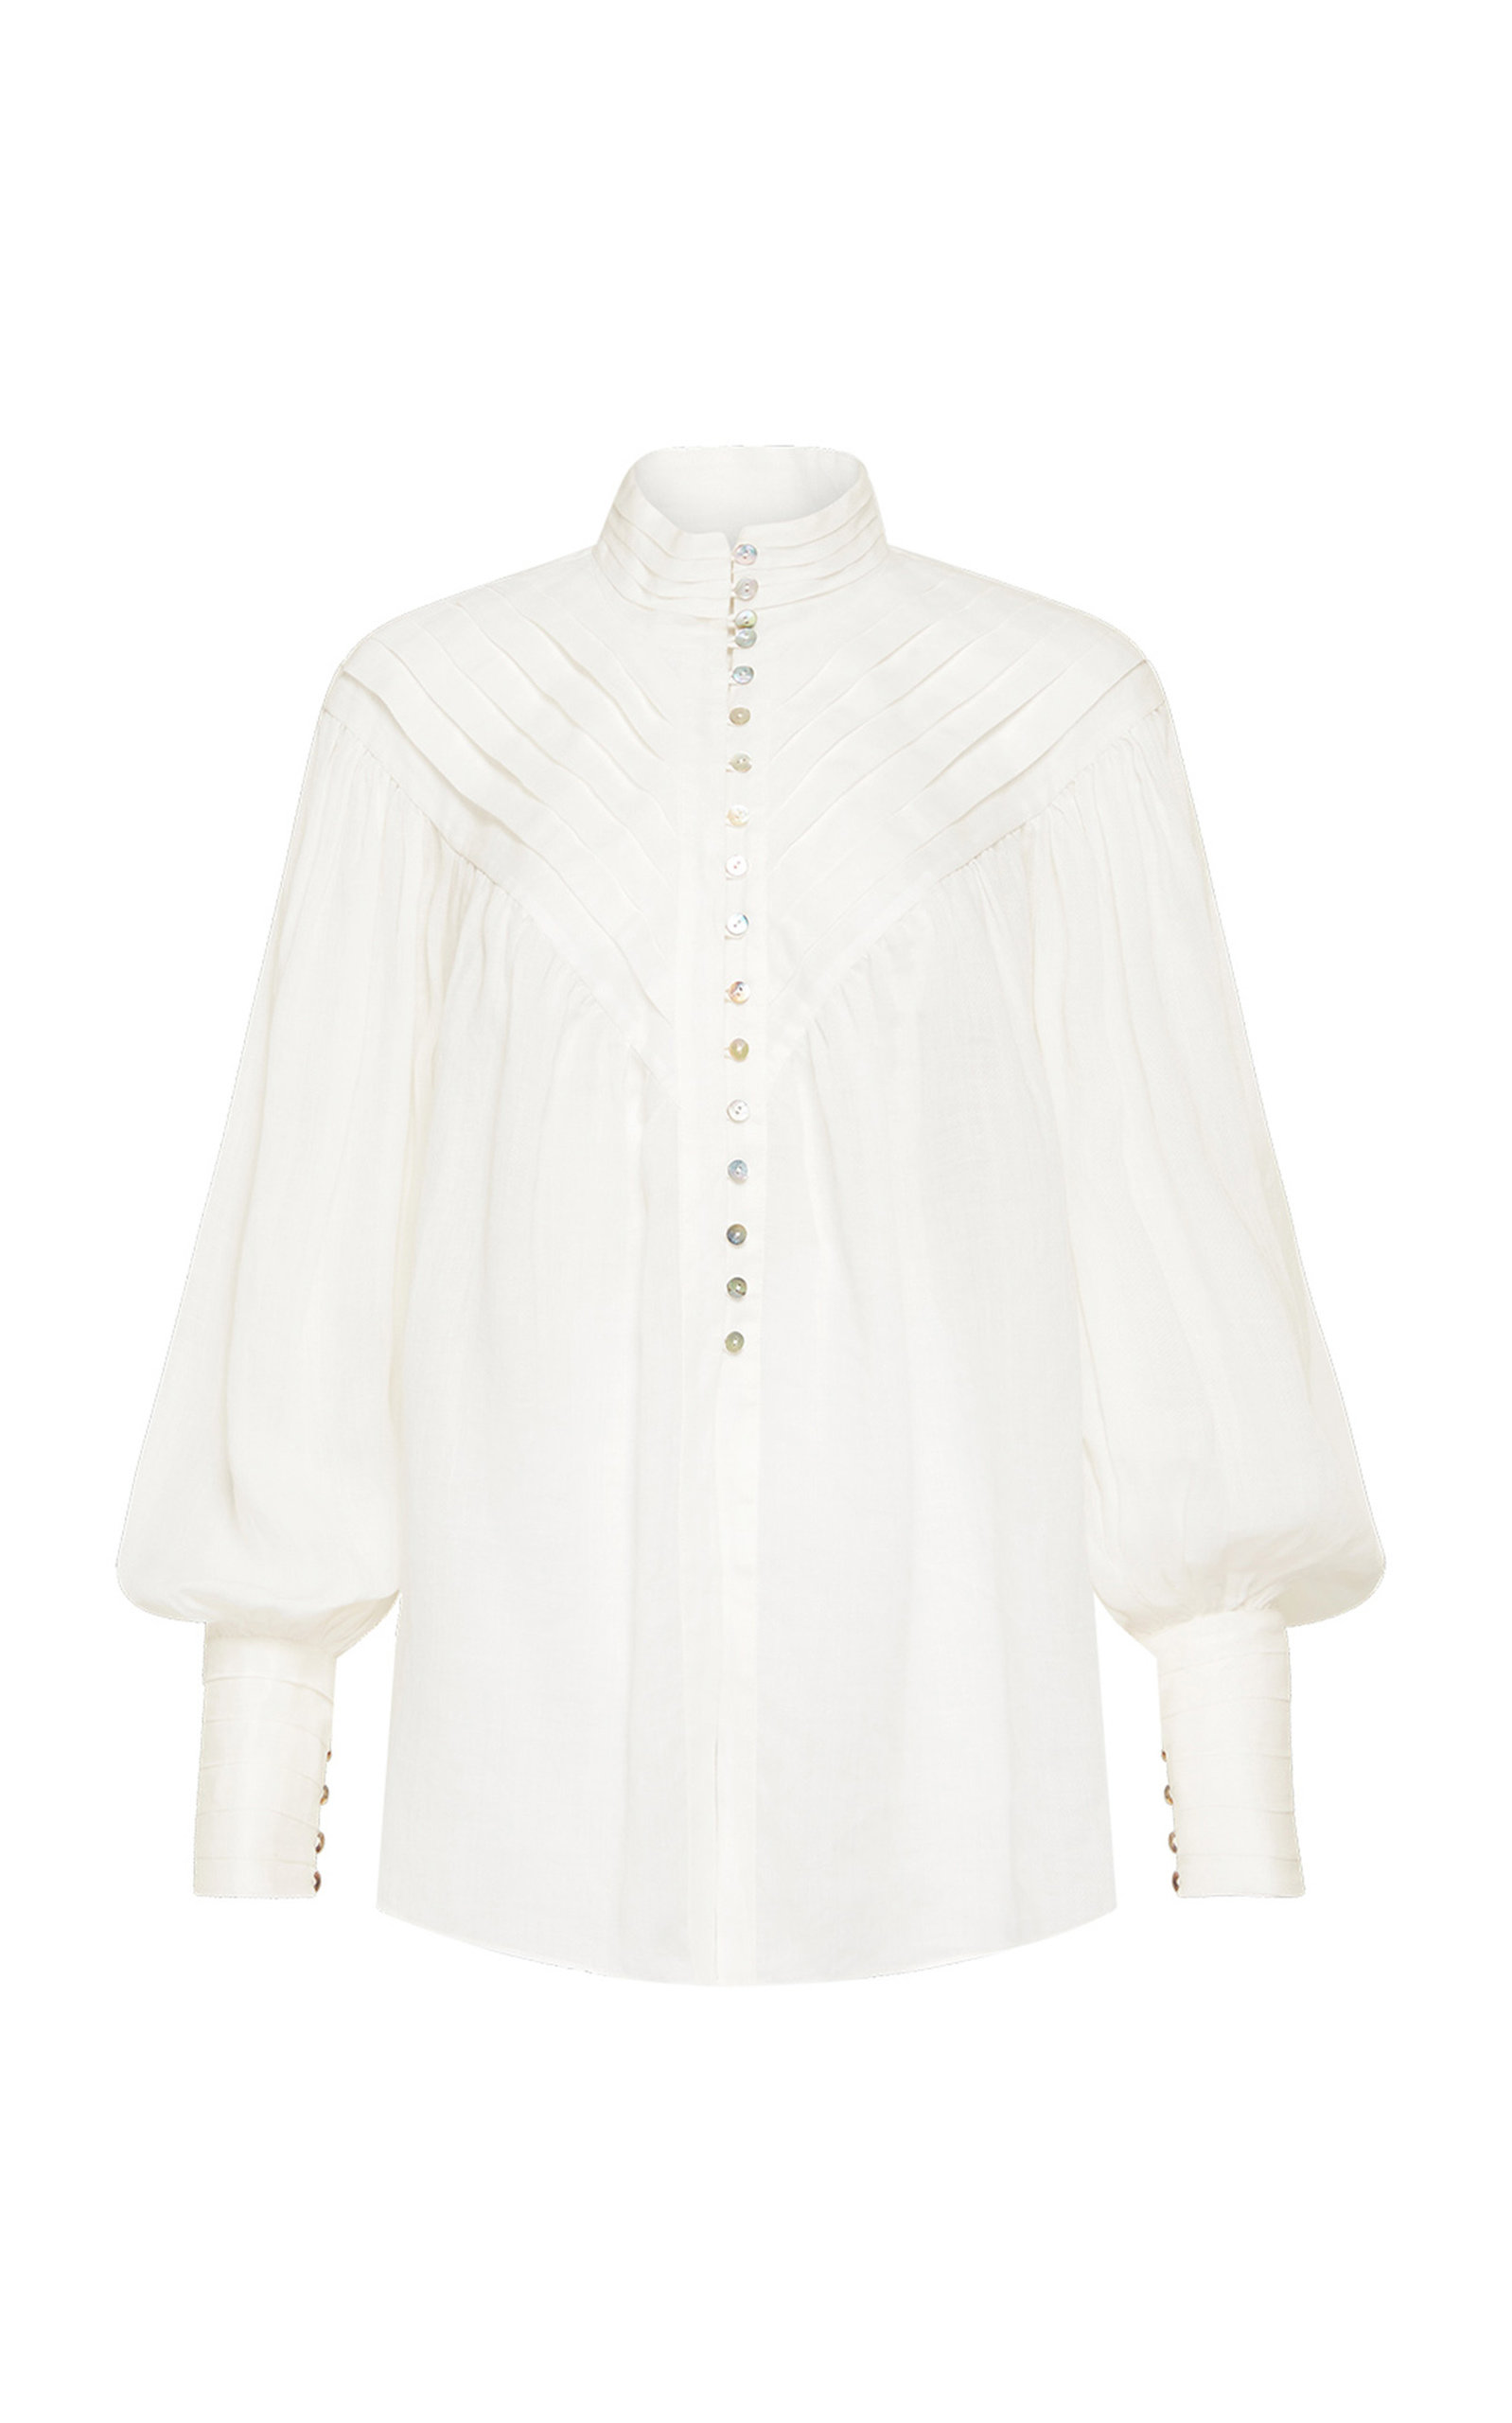 ALÉMAIS - Women's Halcyon Tuck-Front Ramie Top - White - Moda Operandi